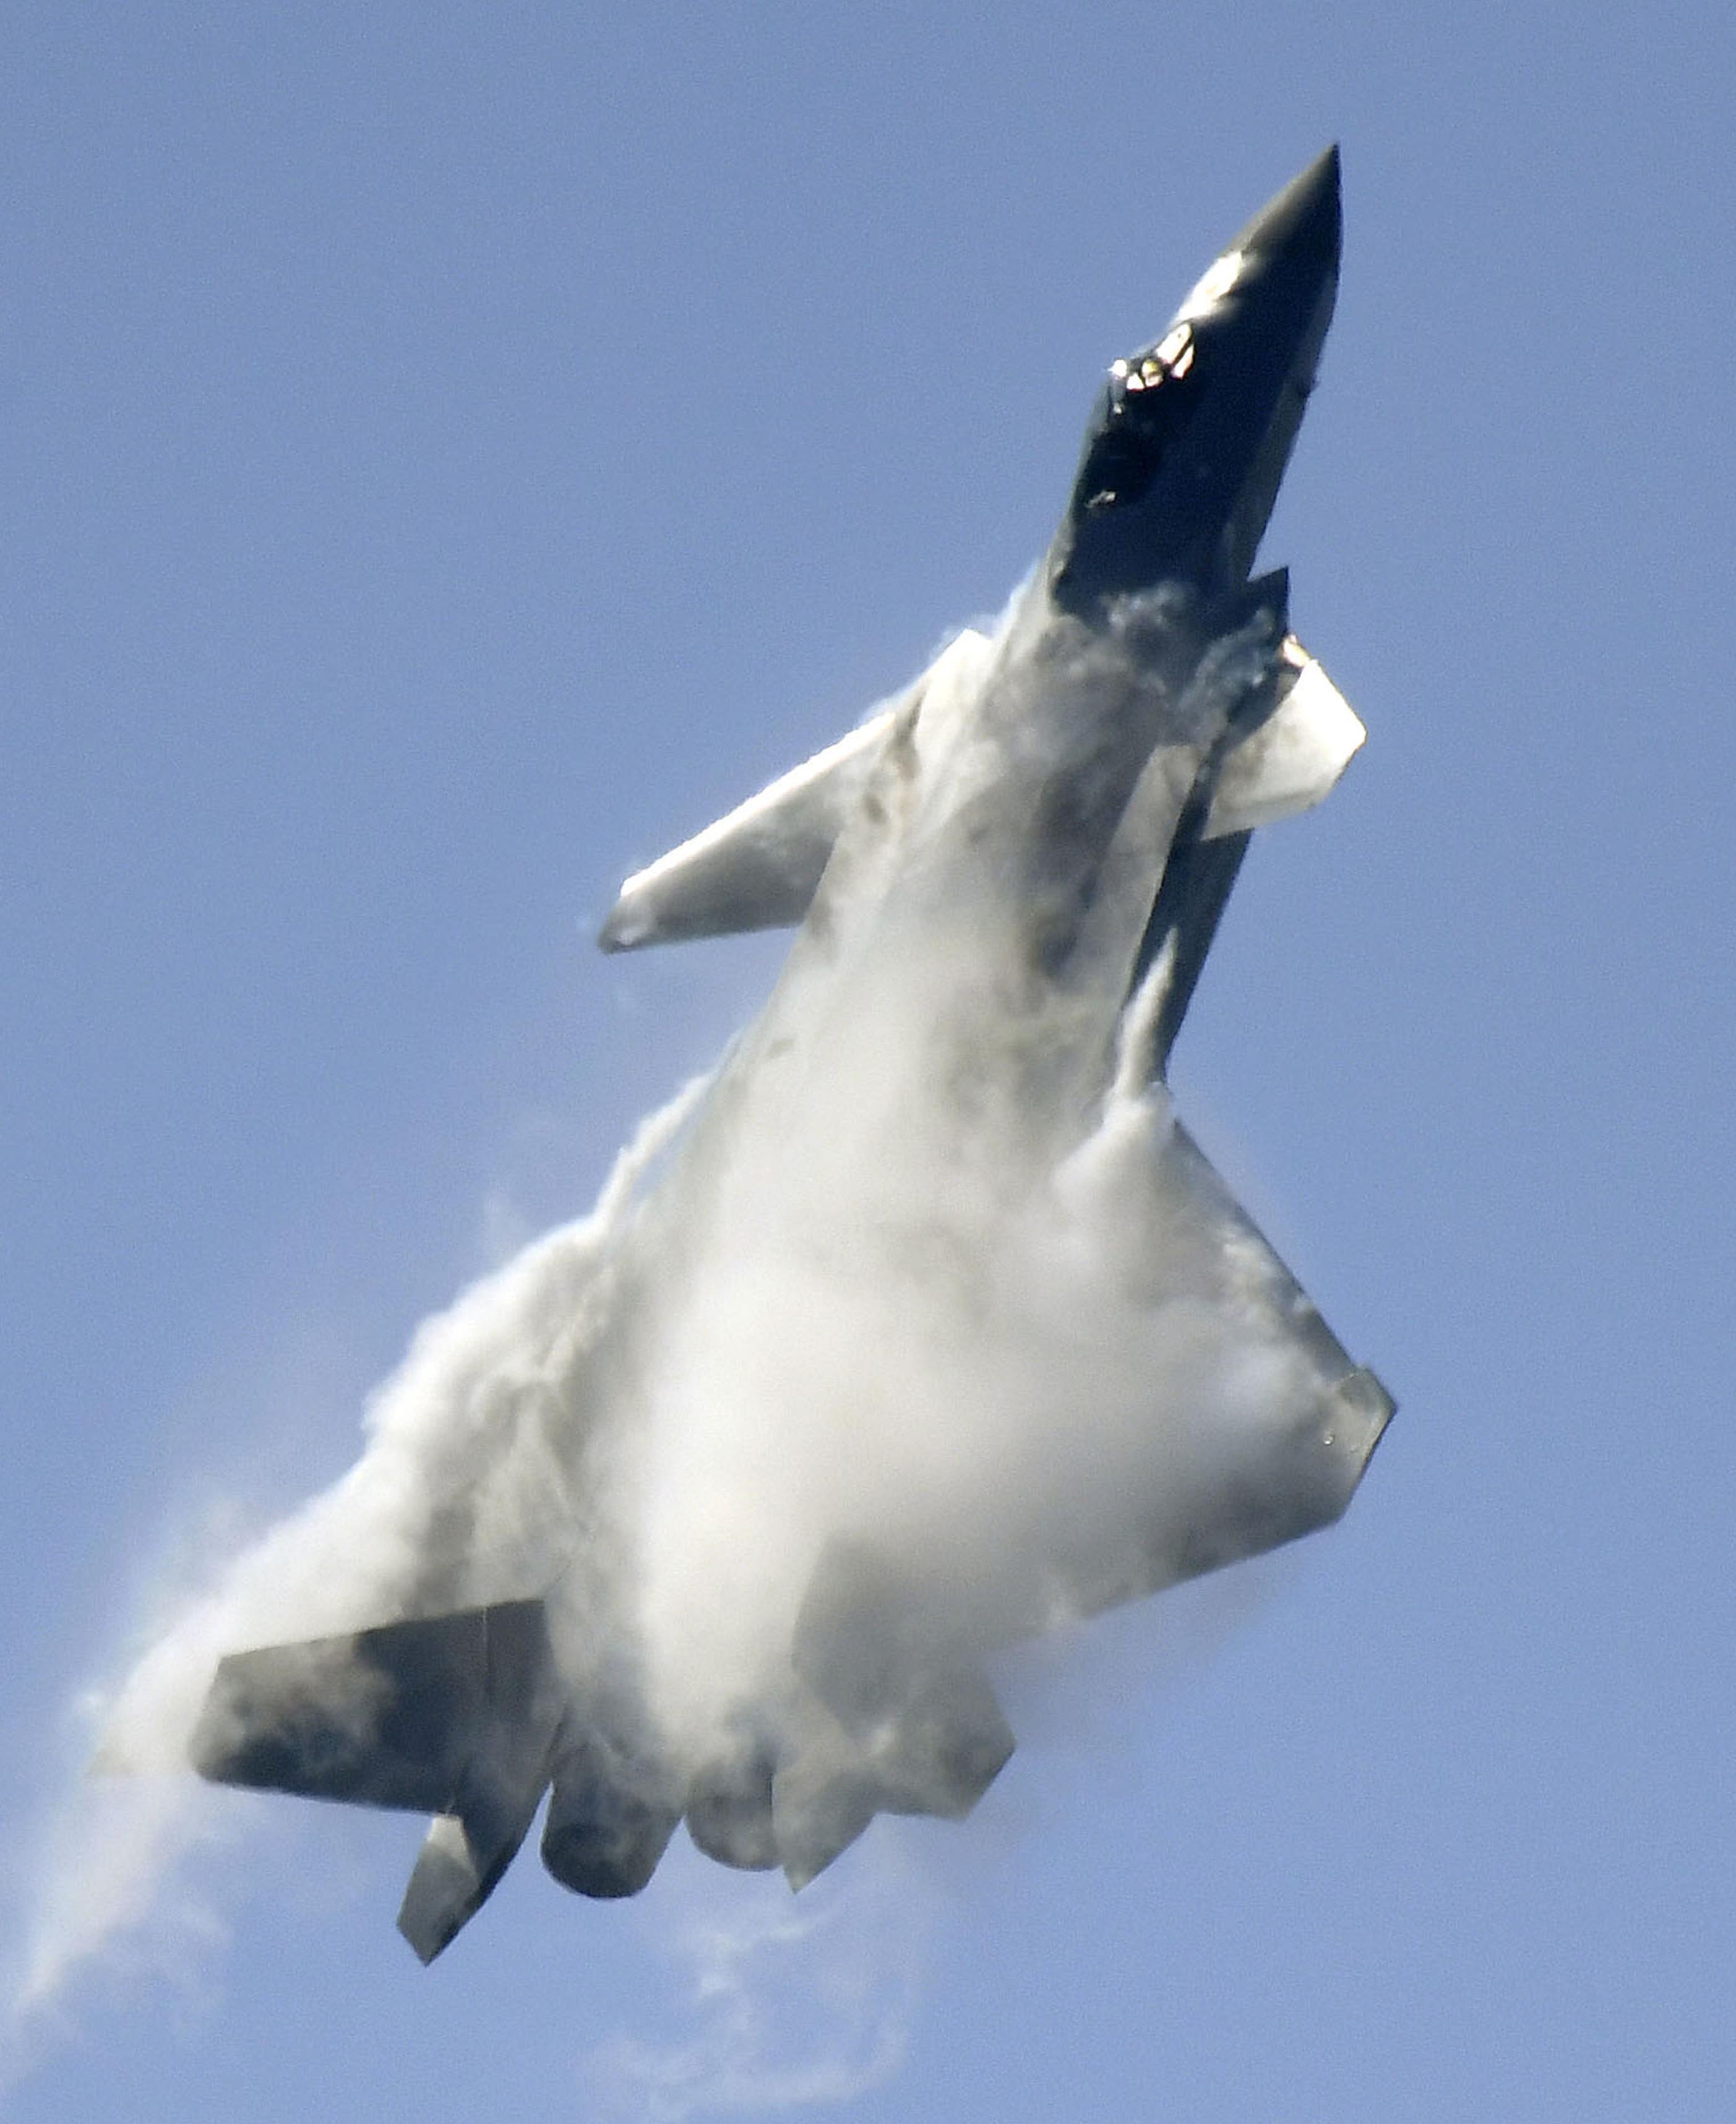 中国、次世代戦闘機がデモ飛行 ...